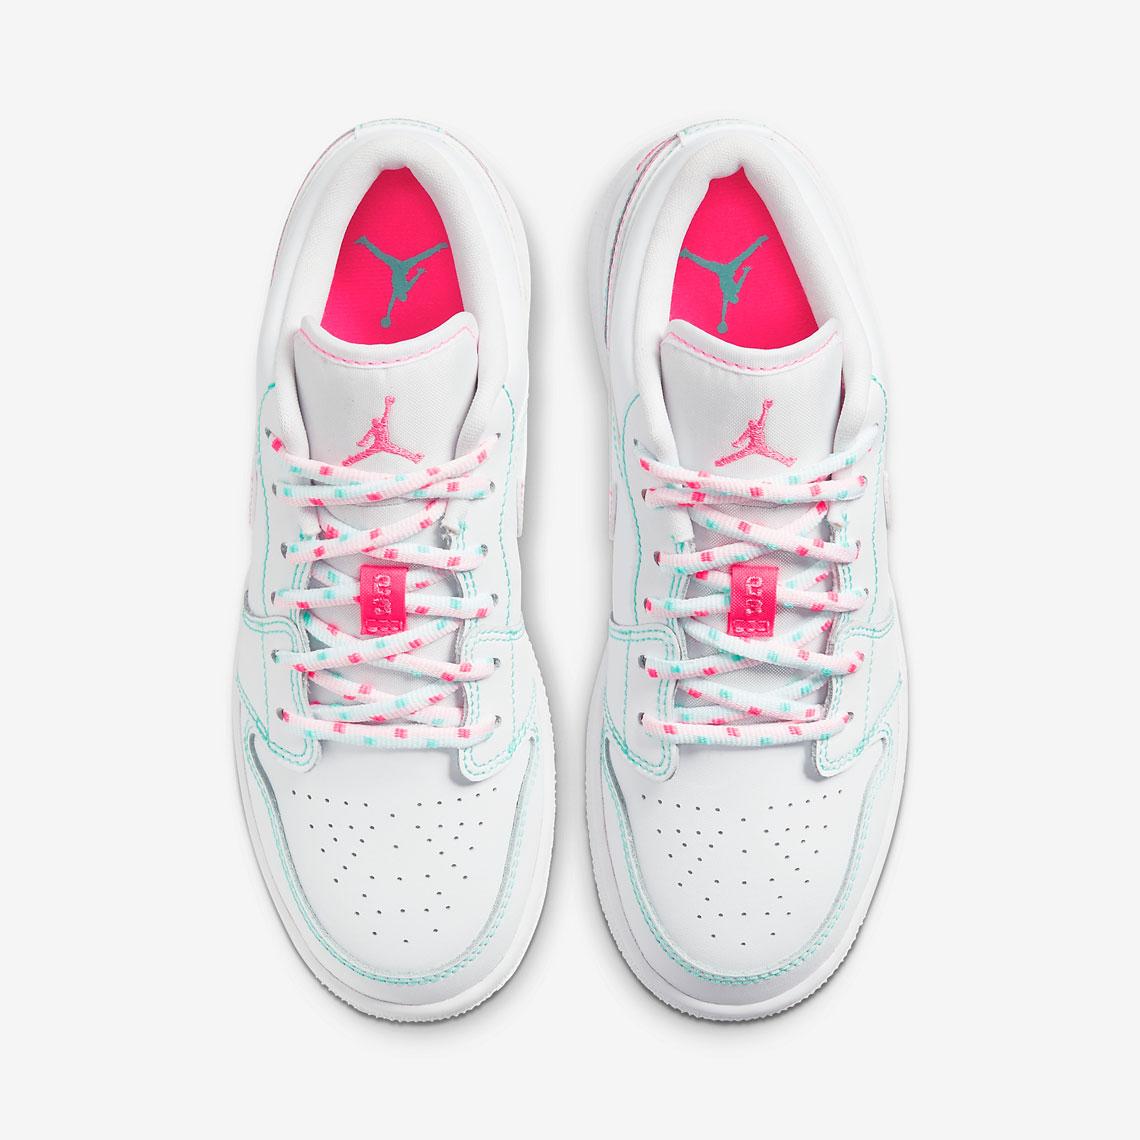 Air Jordan 1 Low GS Aurora Pink 554723